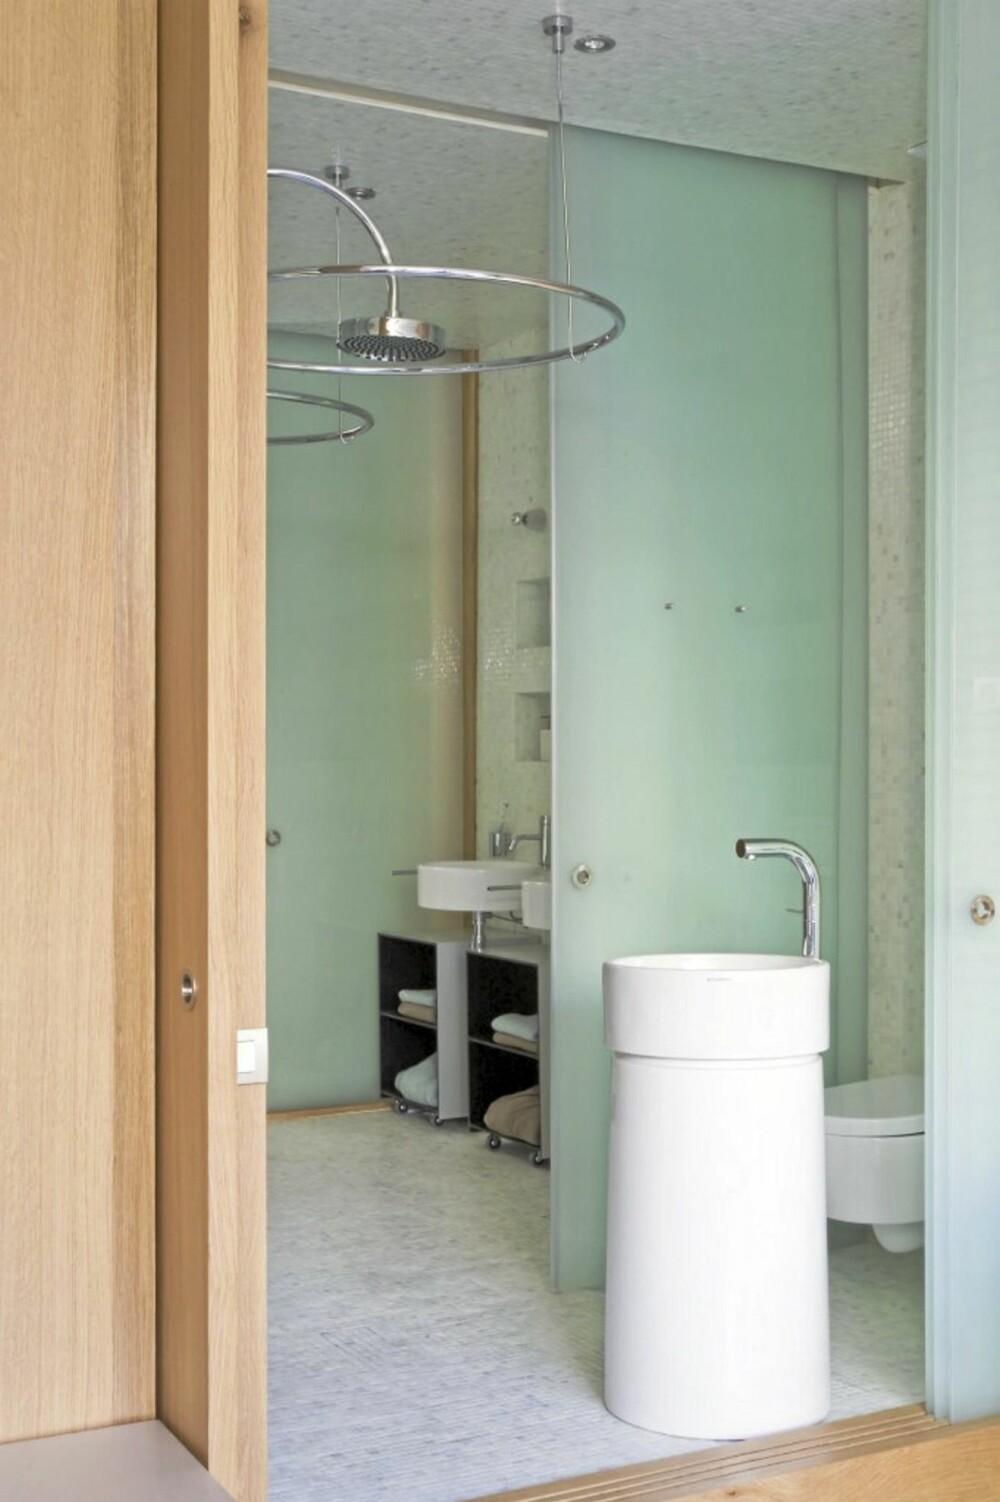 SKYVEDØR: En skyvedør i glass skiller gjestebadet av fra stuen, som også kan fungere som et gjesteværelse.